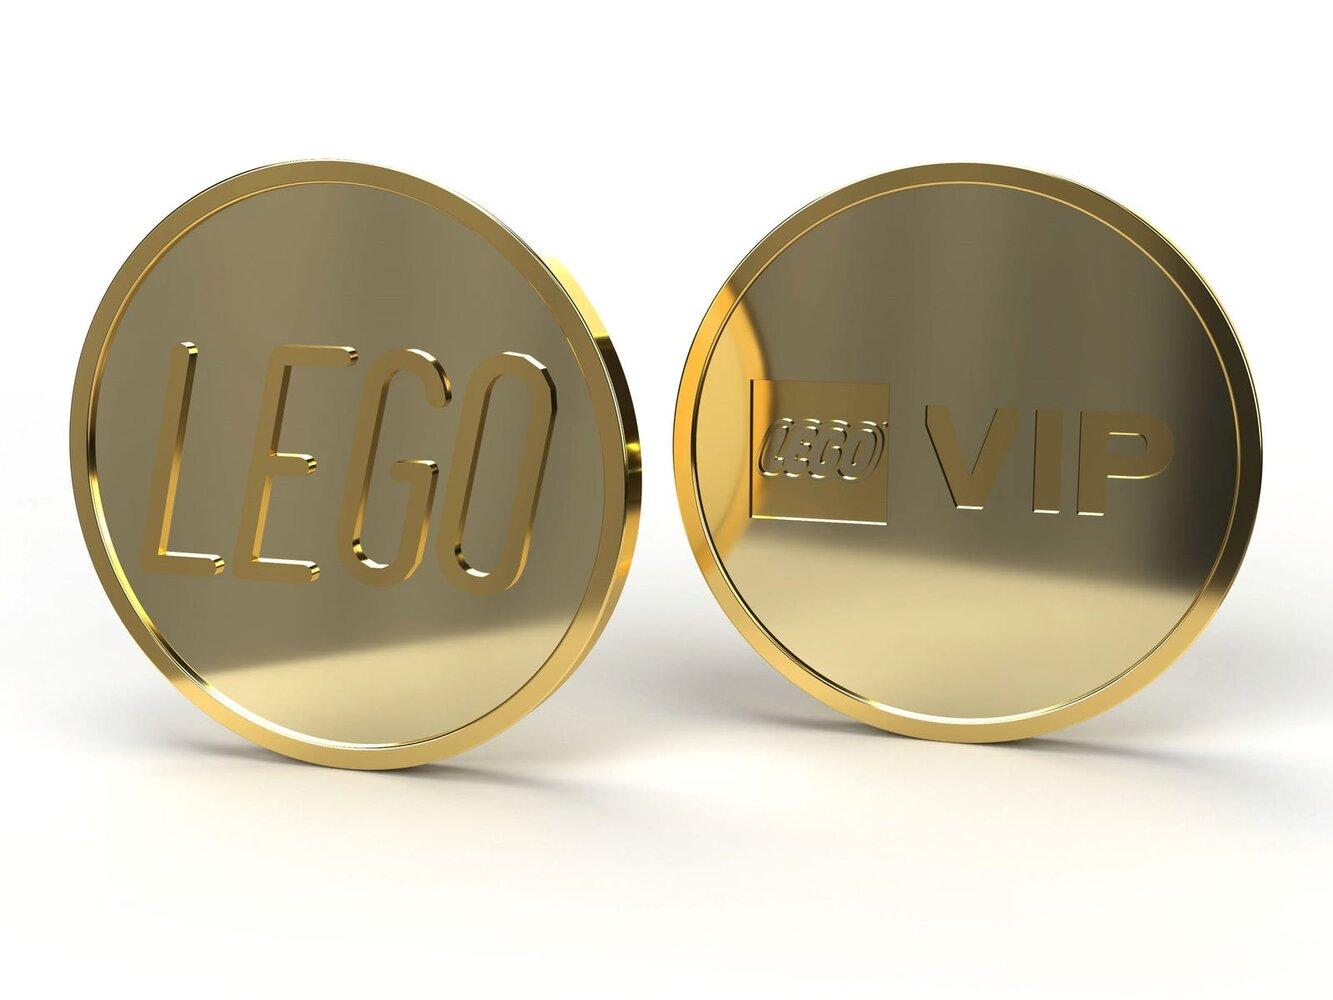 VIP Collectible Gold Coin